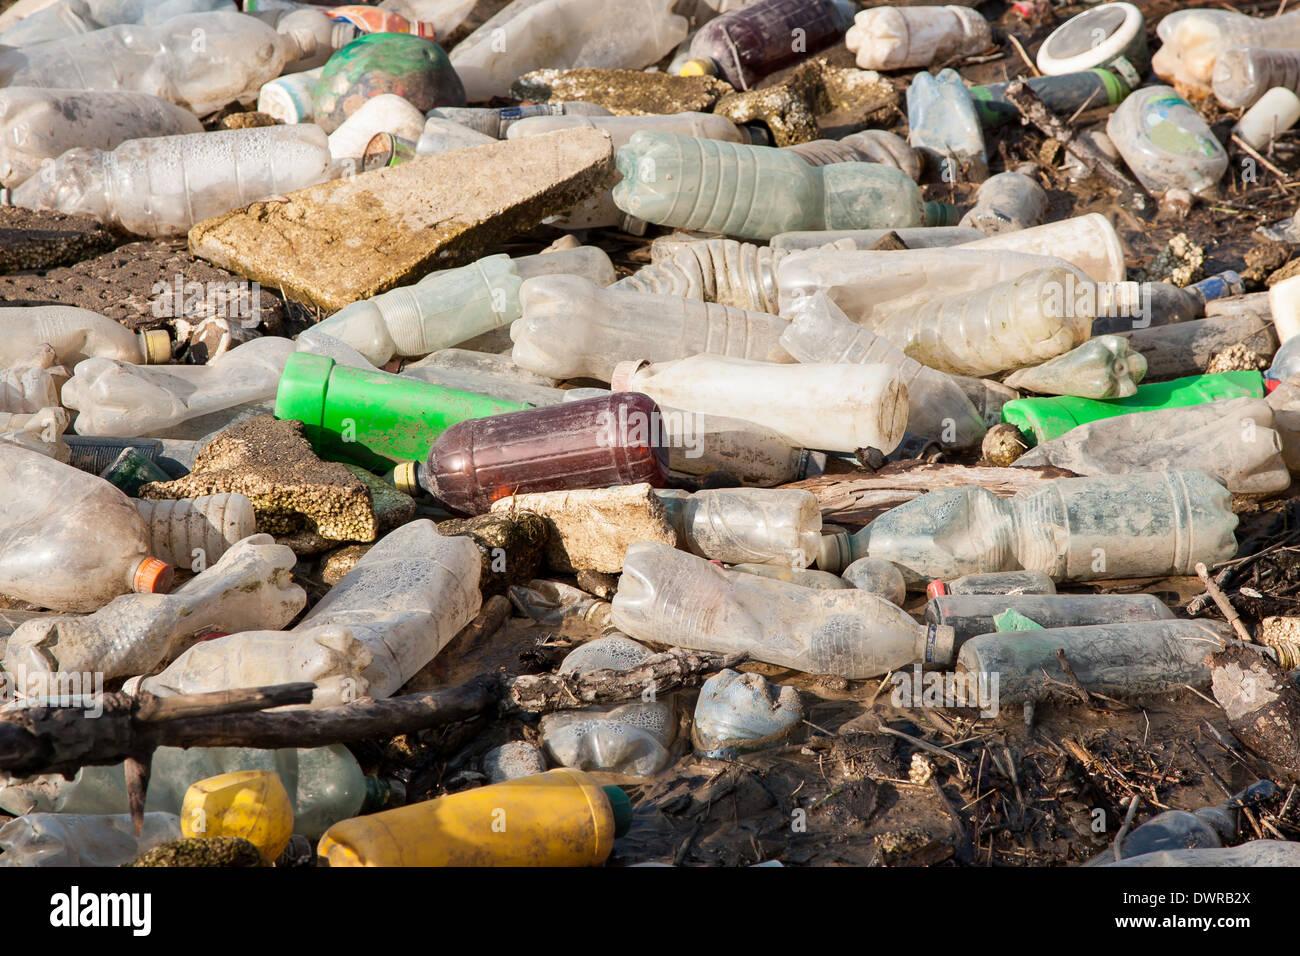 La pollution de l'environnement. Les bouteilles en plastique sur la décharge illégale Photo Stock